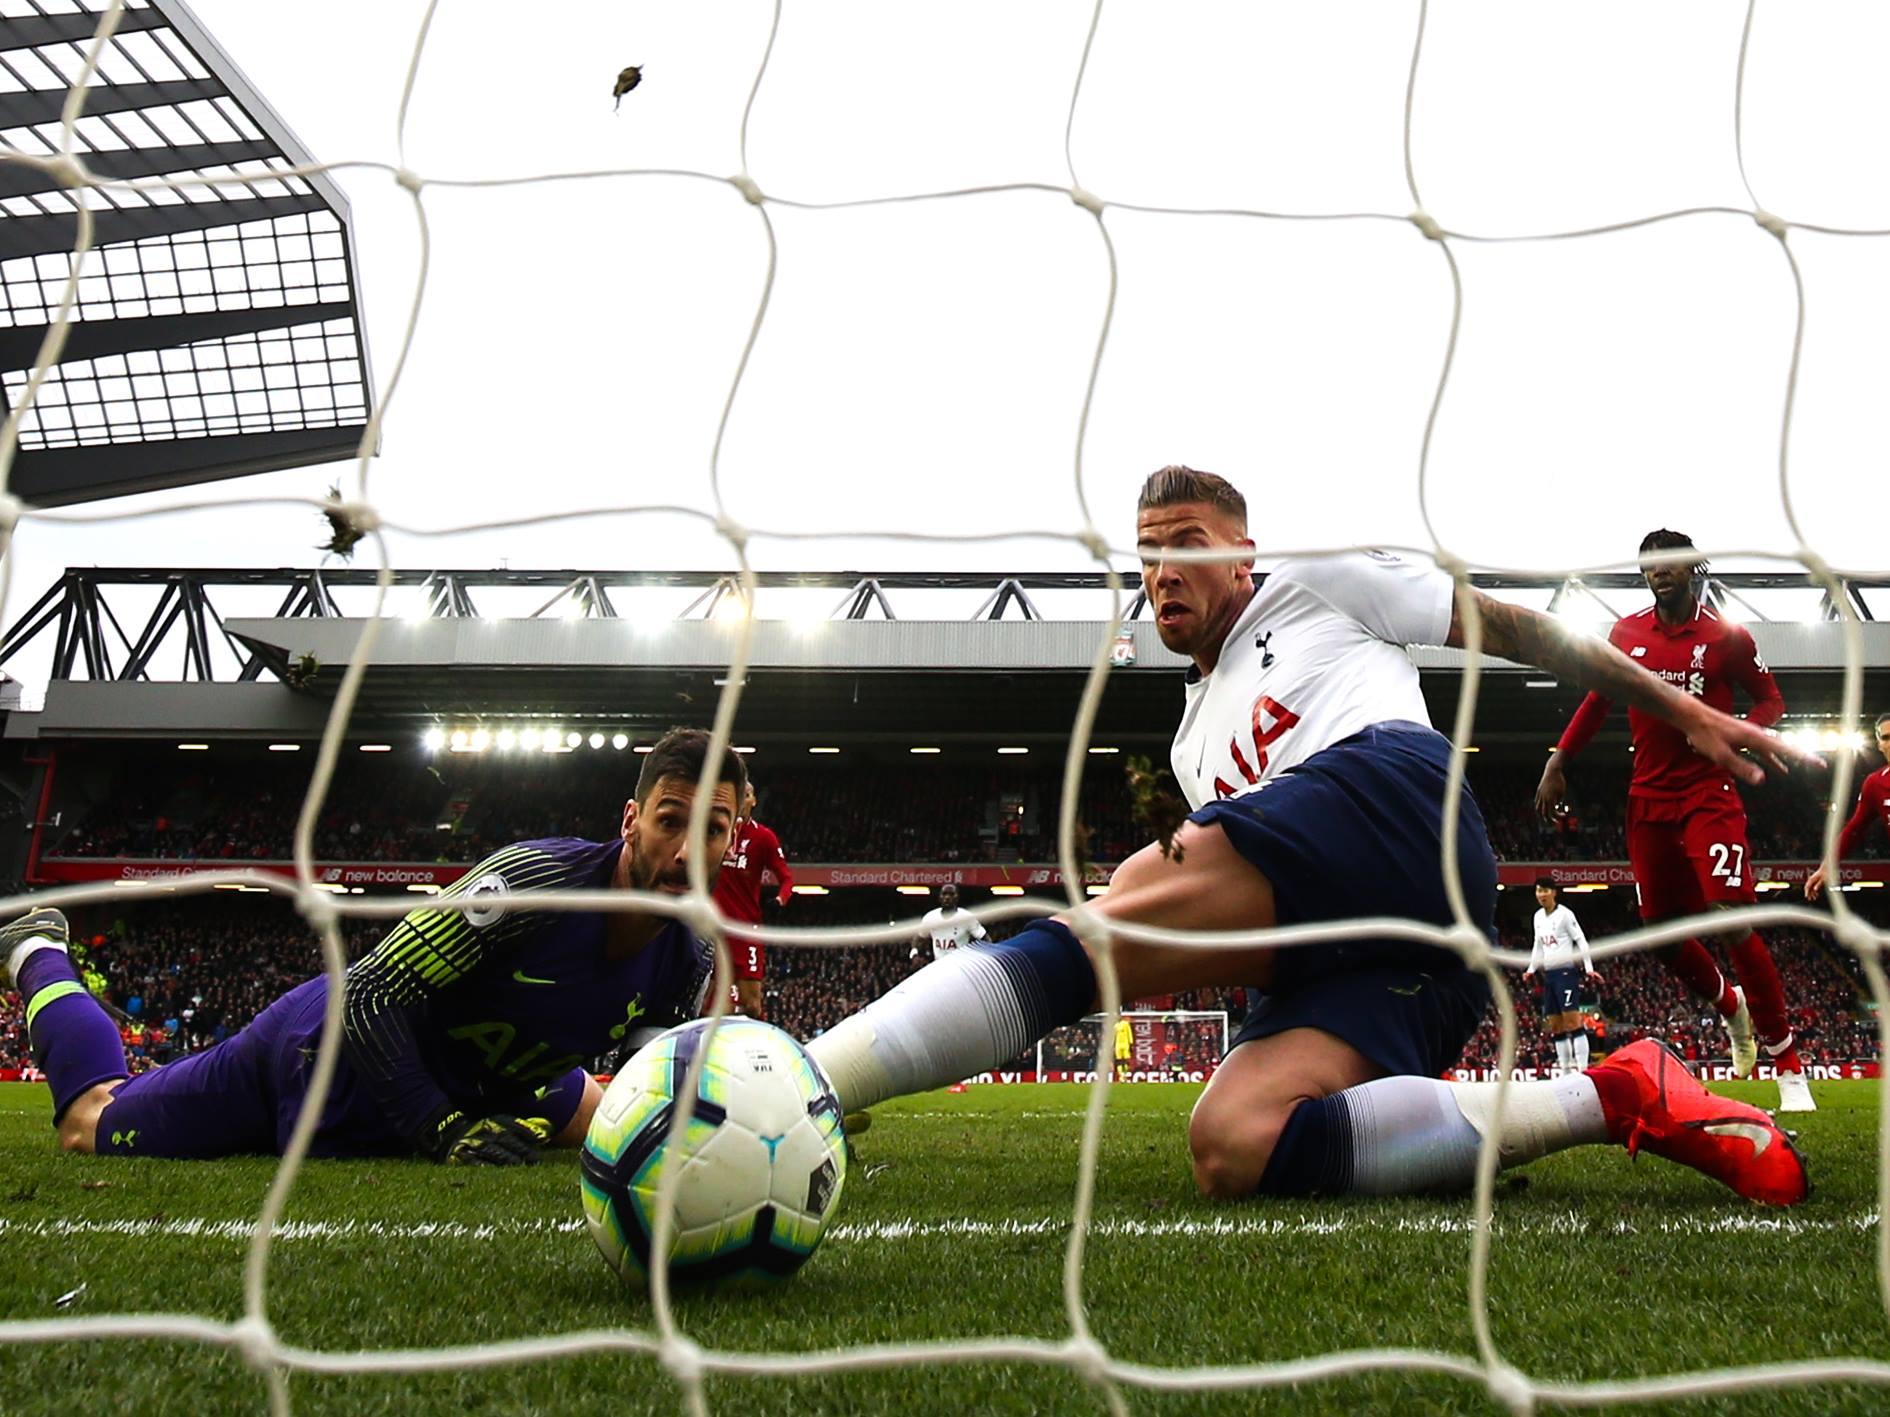 Những hình ảnh cho thấy Tottenham thực sự quá